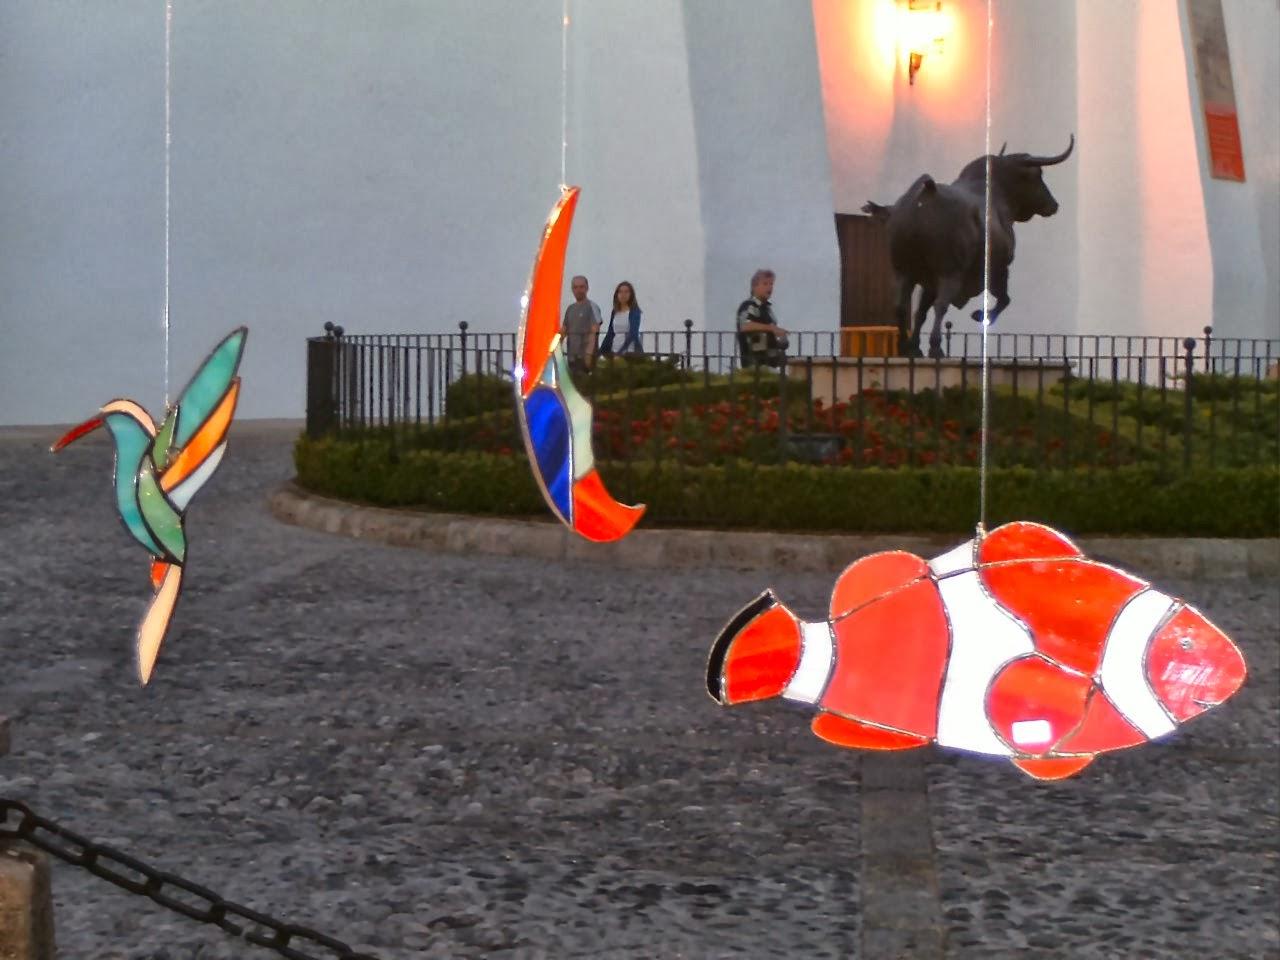 Móviles de cristal opalescente en Ronda